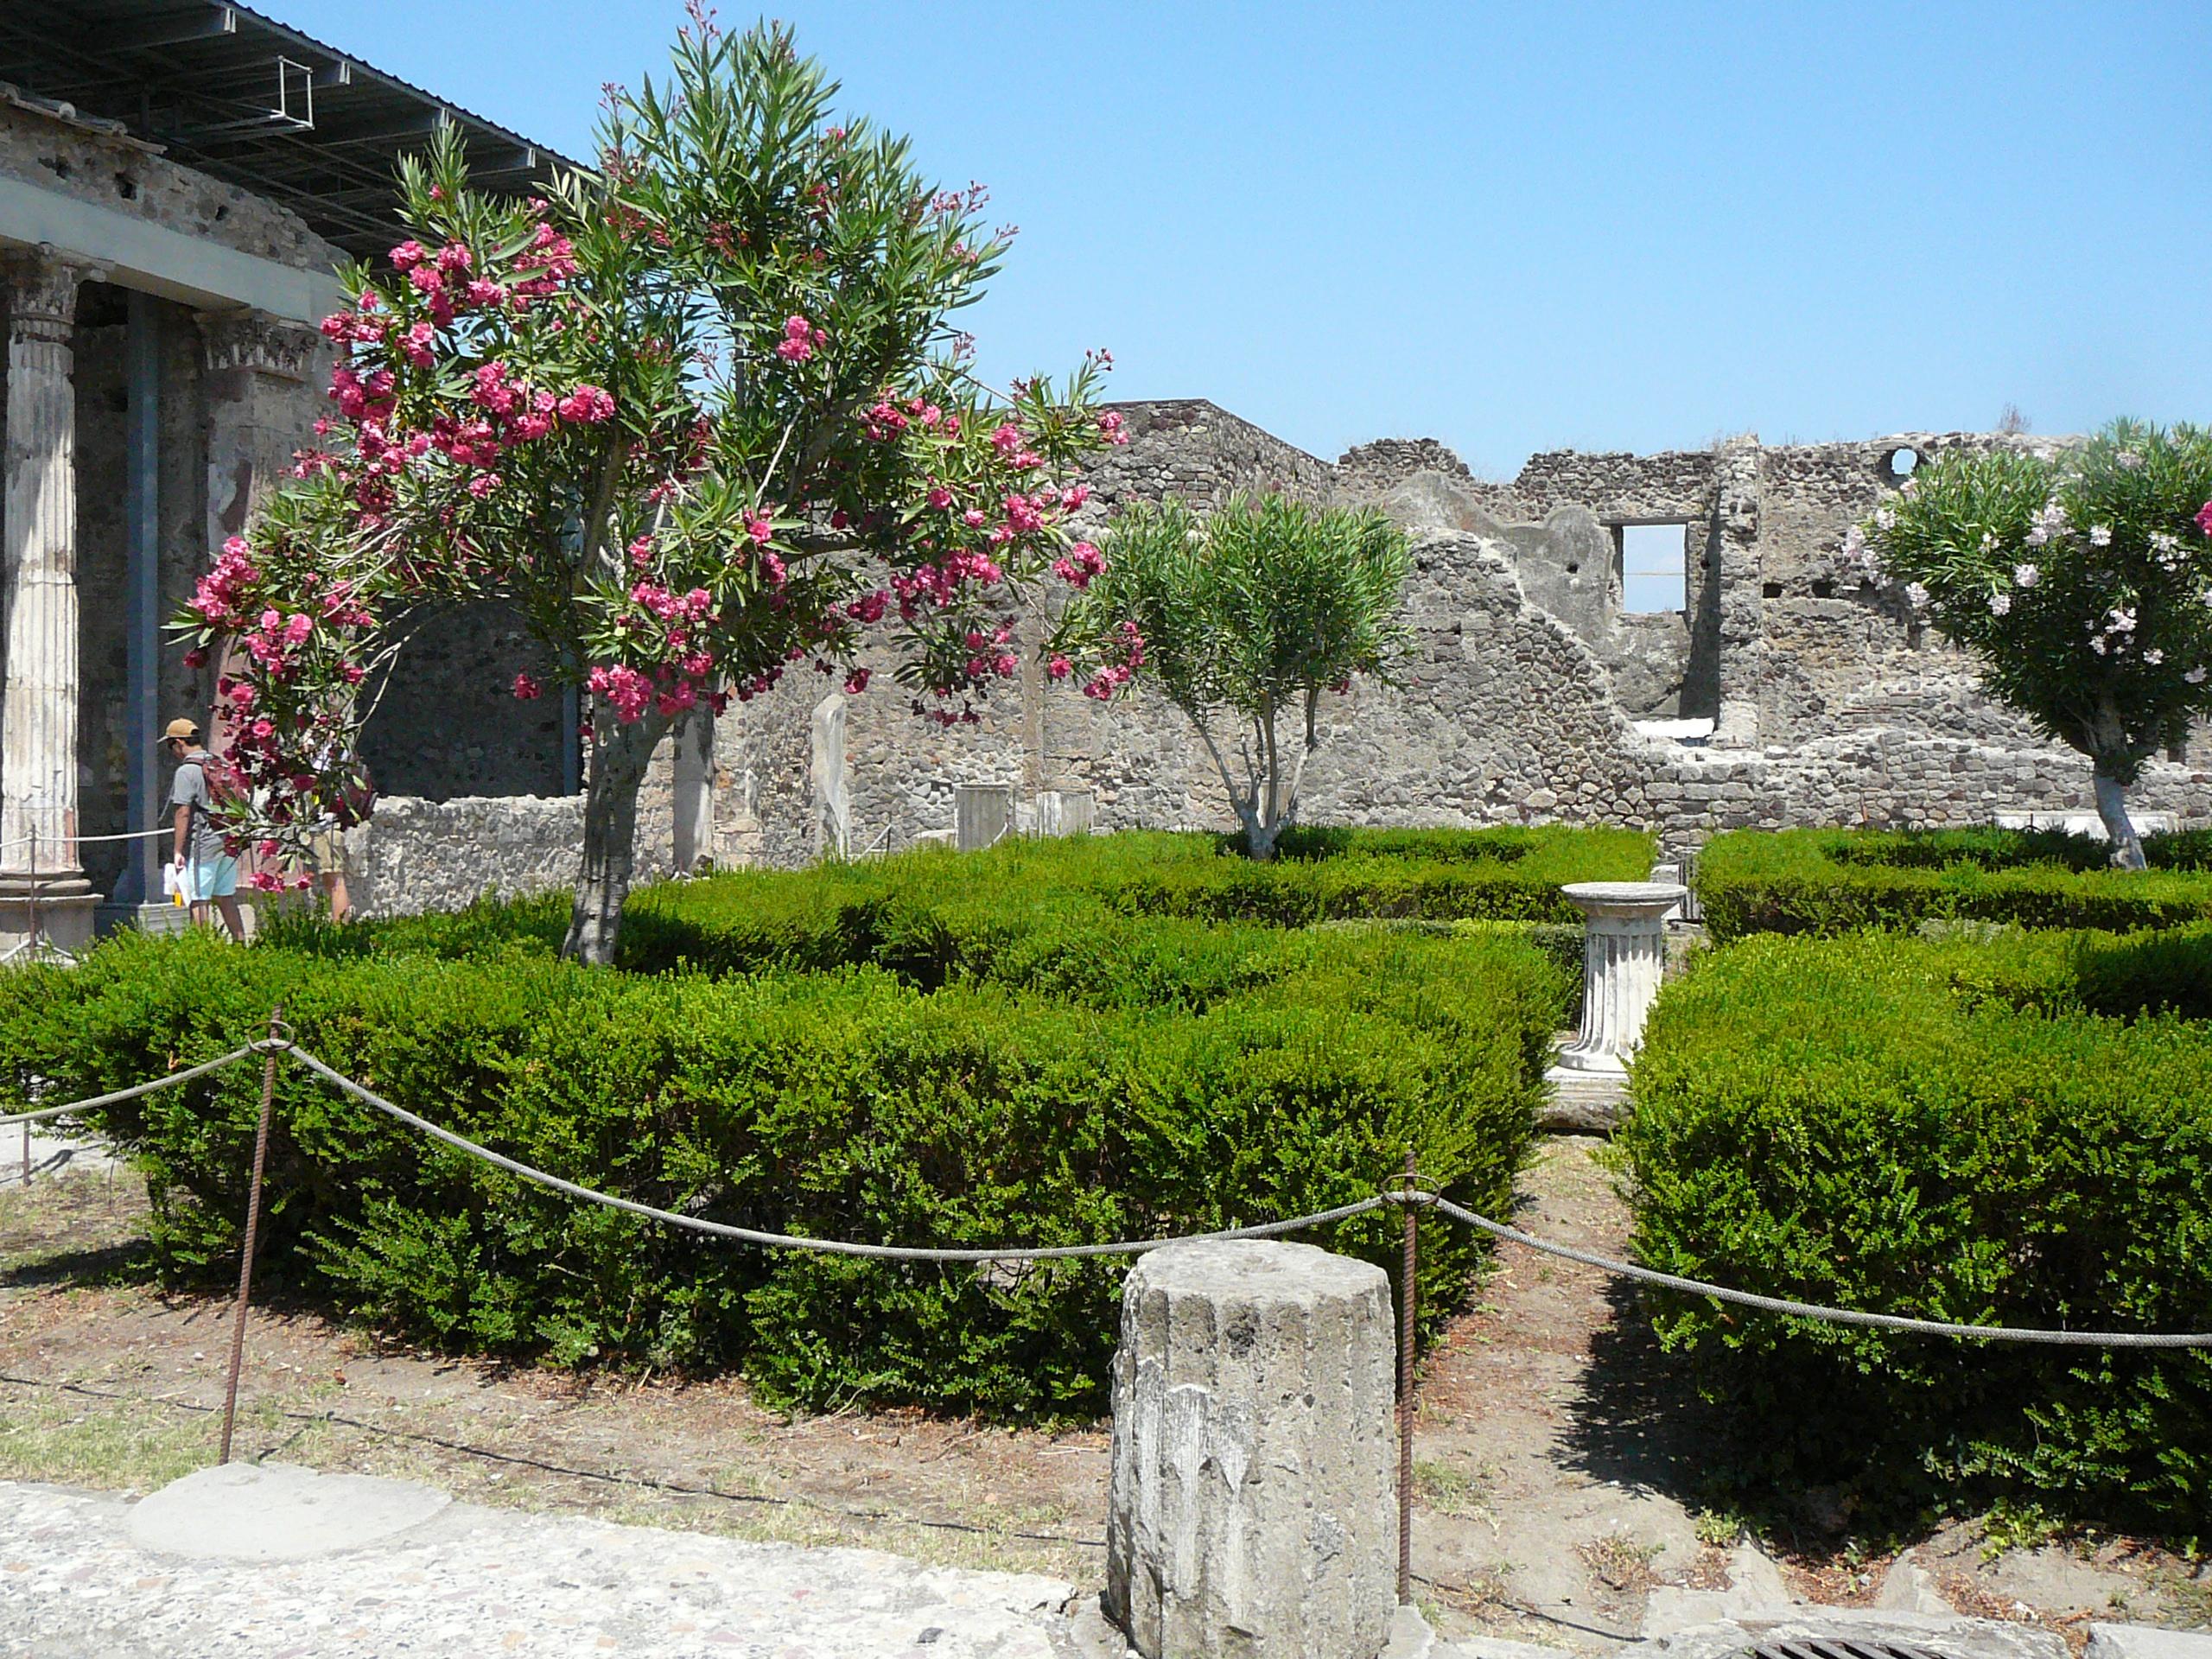 Design maison et jardin actuels creteil 3613 maison moderne minecraft maison a vendre - Castorama maison jardin creteil ...